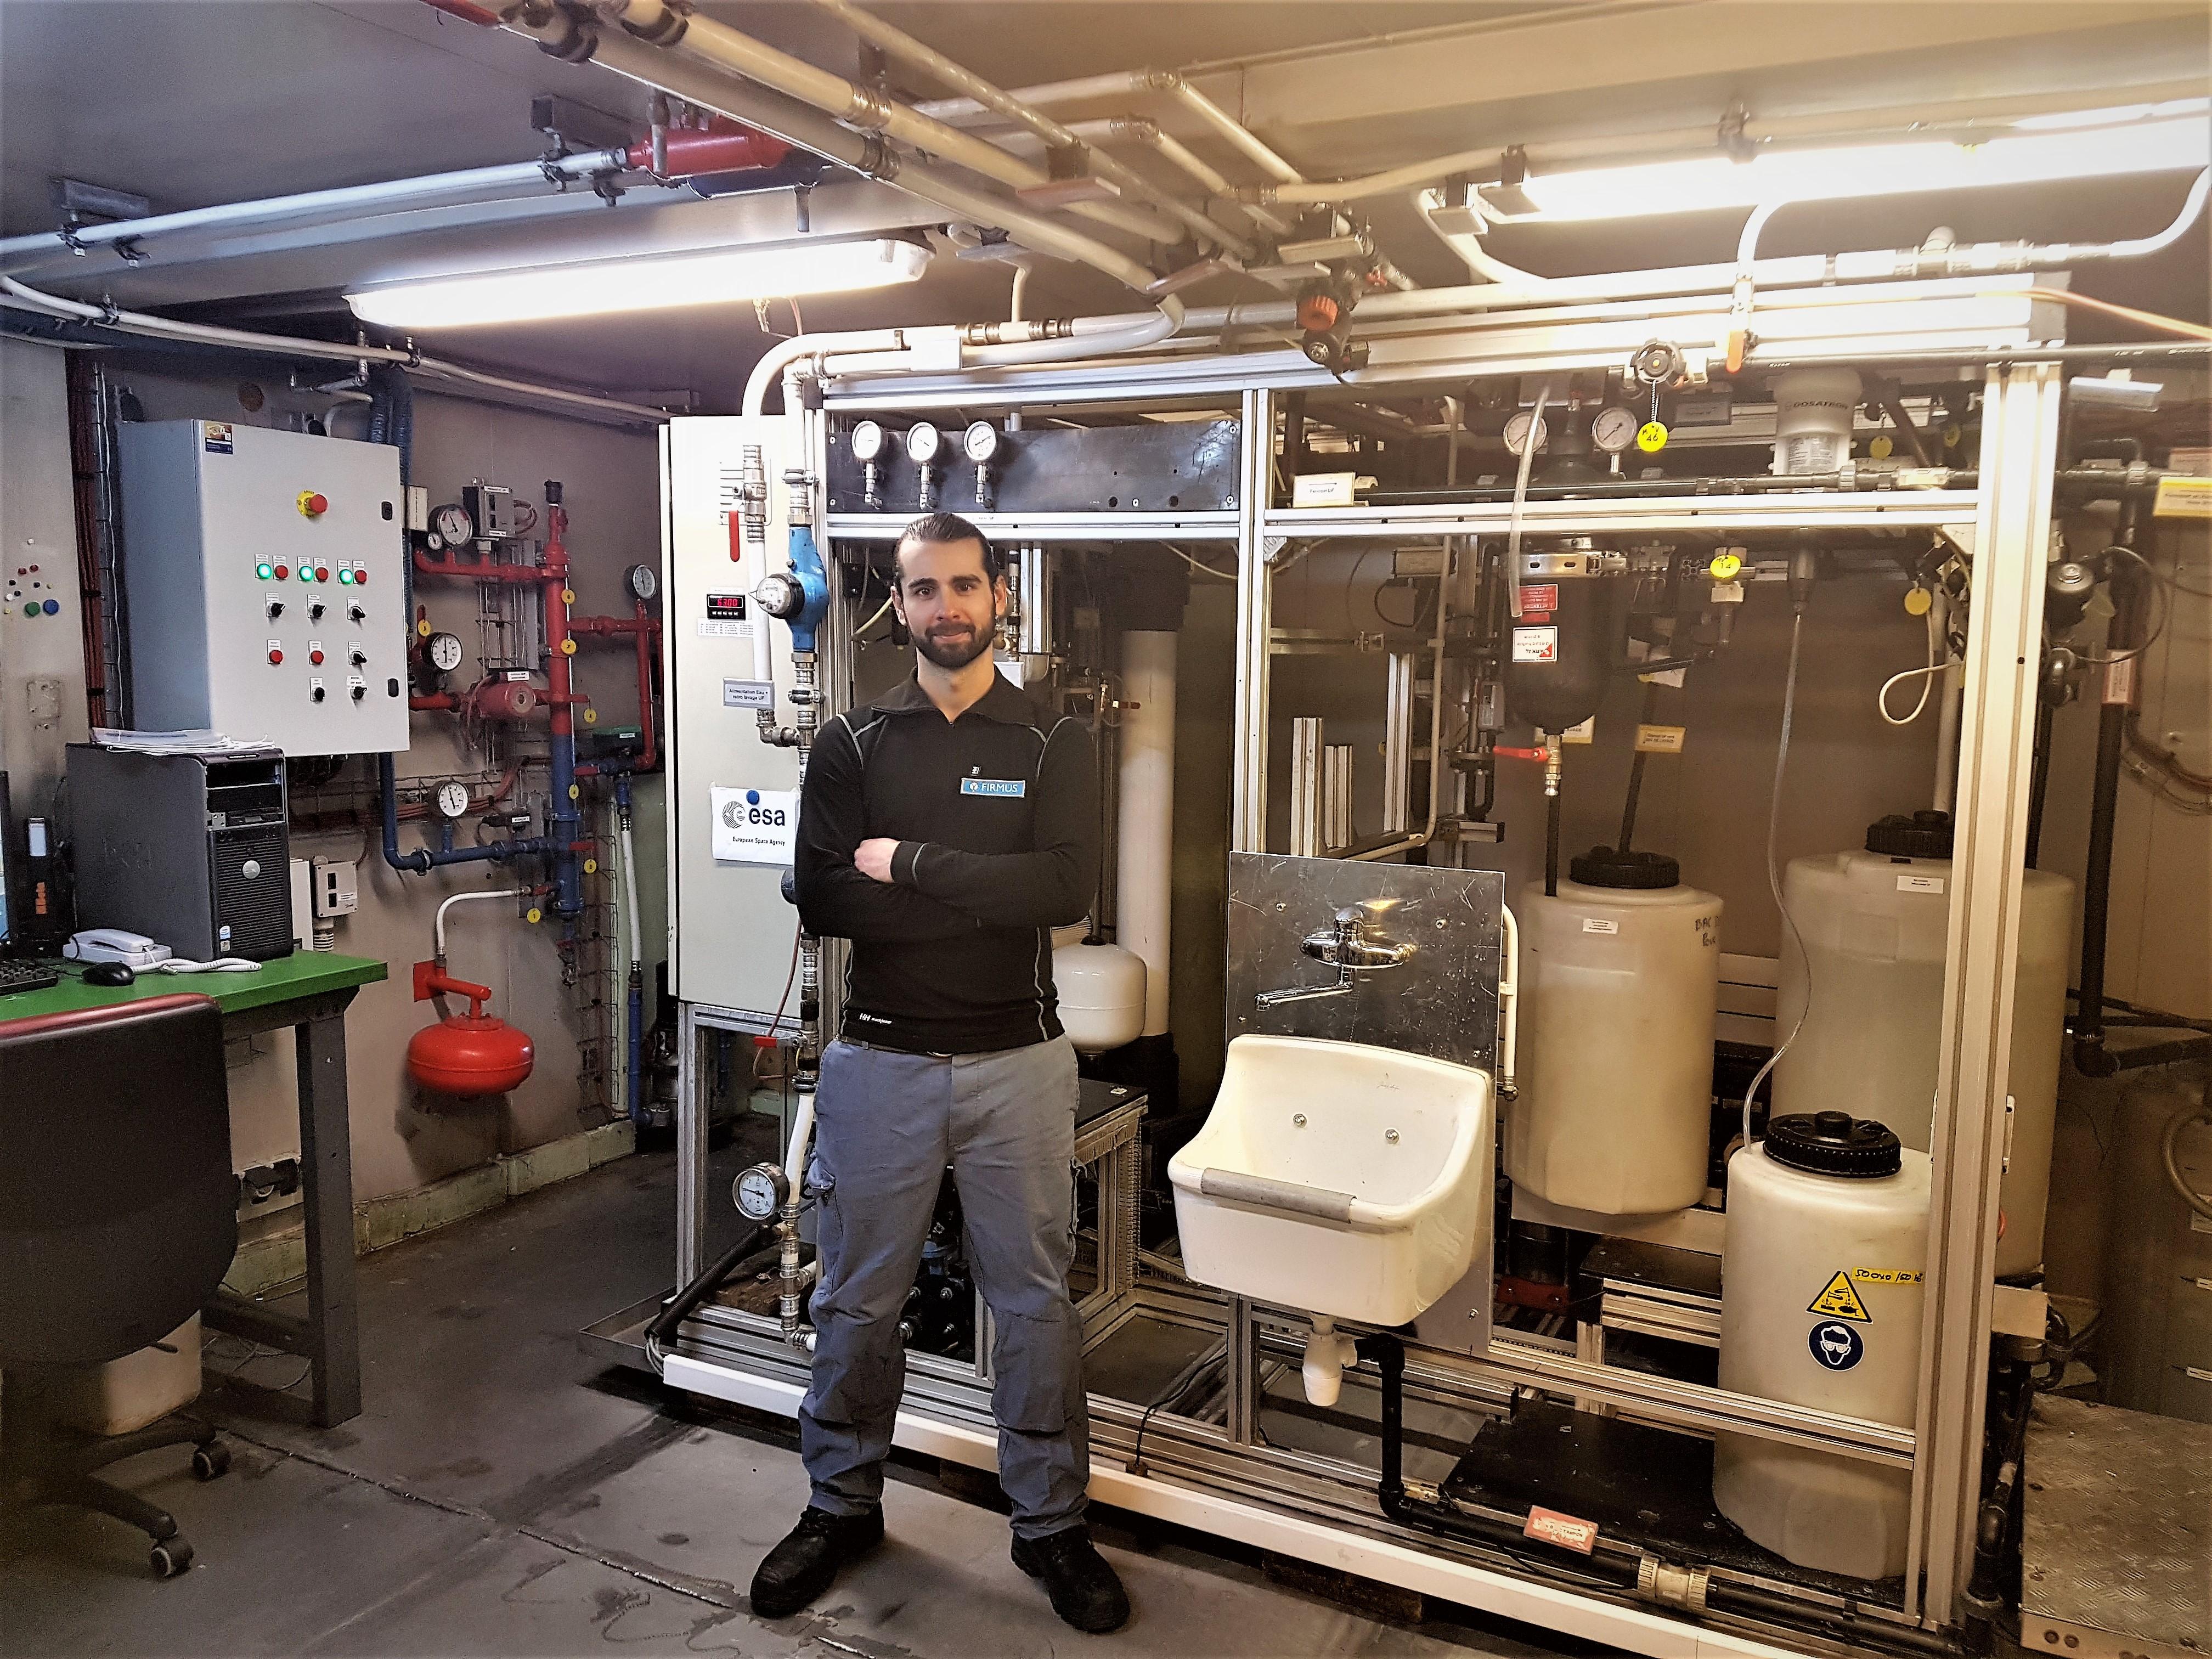 Remise à Niveau Du Procédé De Recyclage Des Eaux Grises Sur La Station Antarctique Concordia